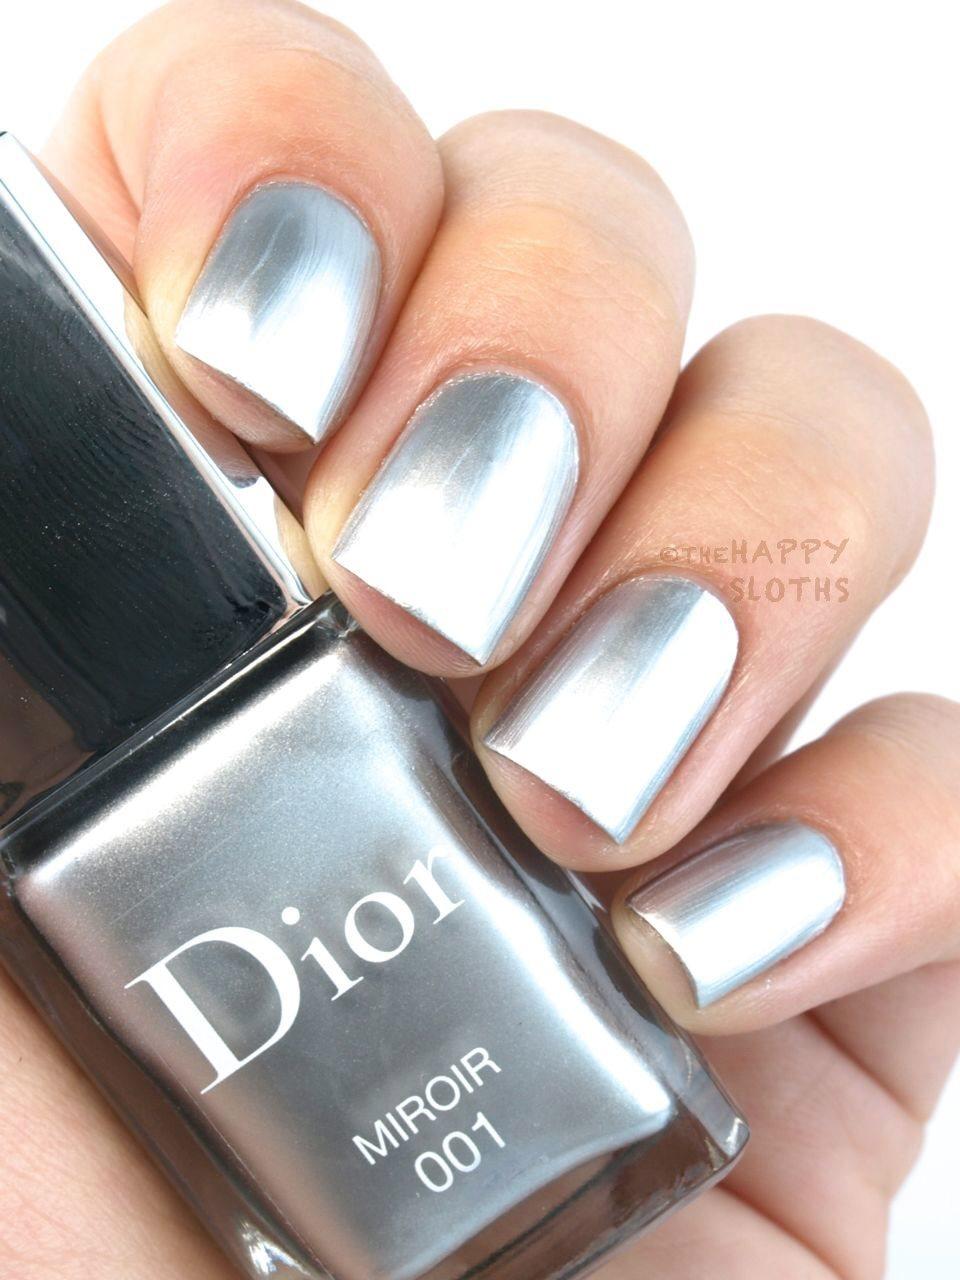 """Dior nagellack nytt """"miroir"""" på Tradera.com - Nagellack   Skönhetsvård"""